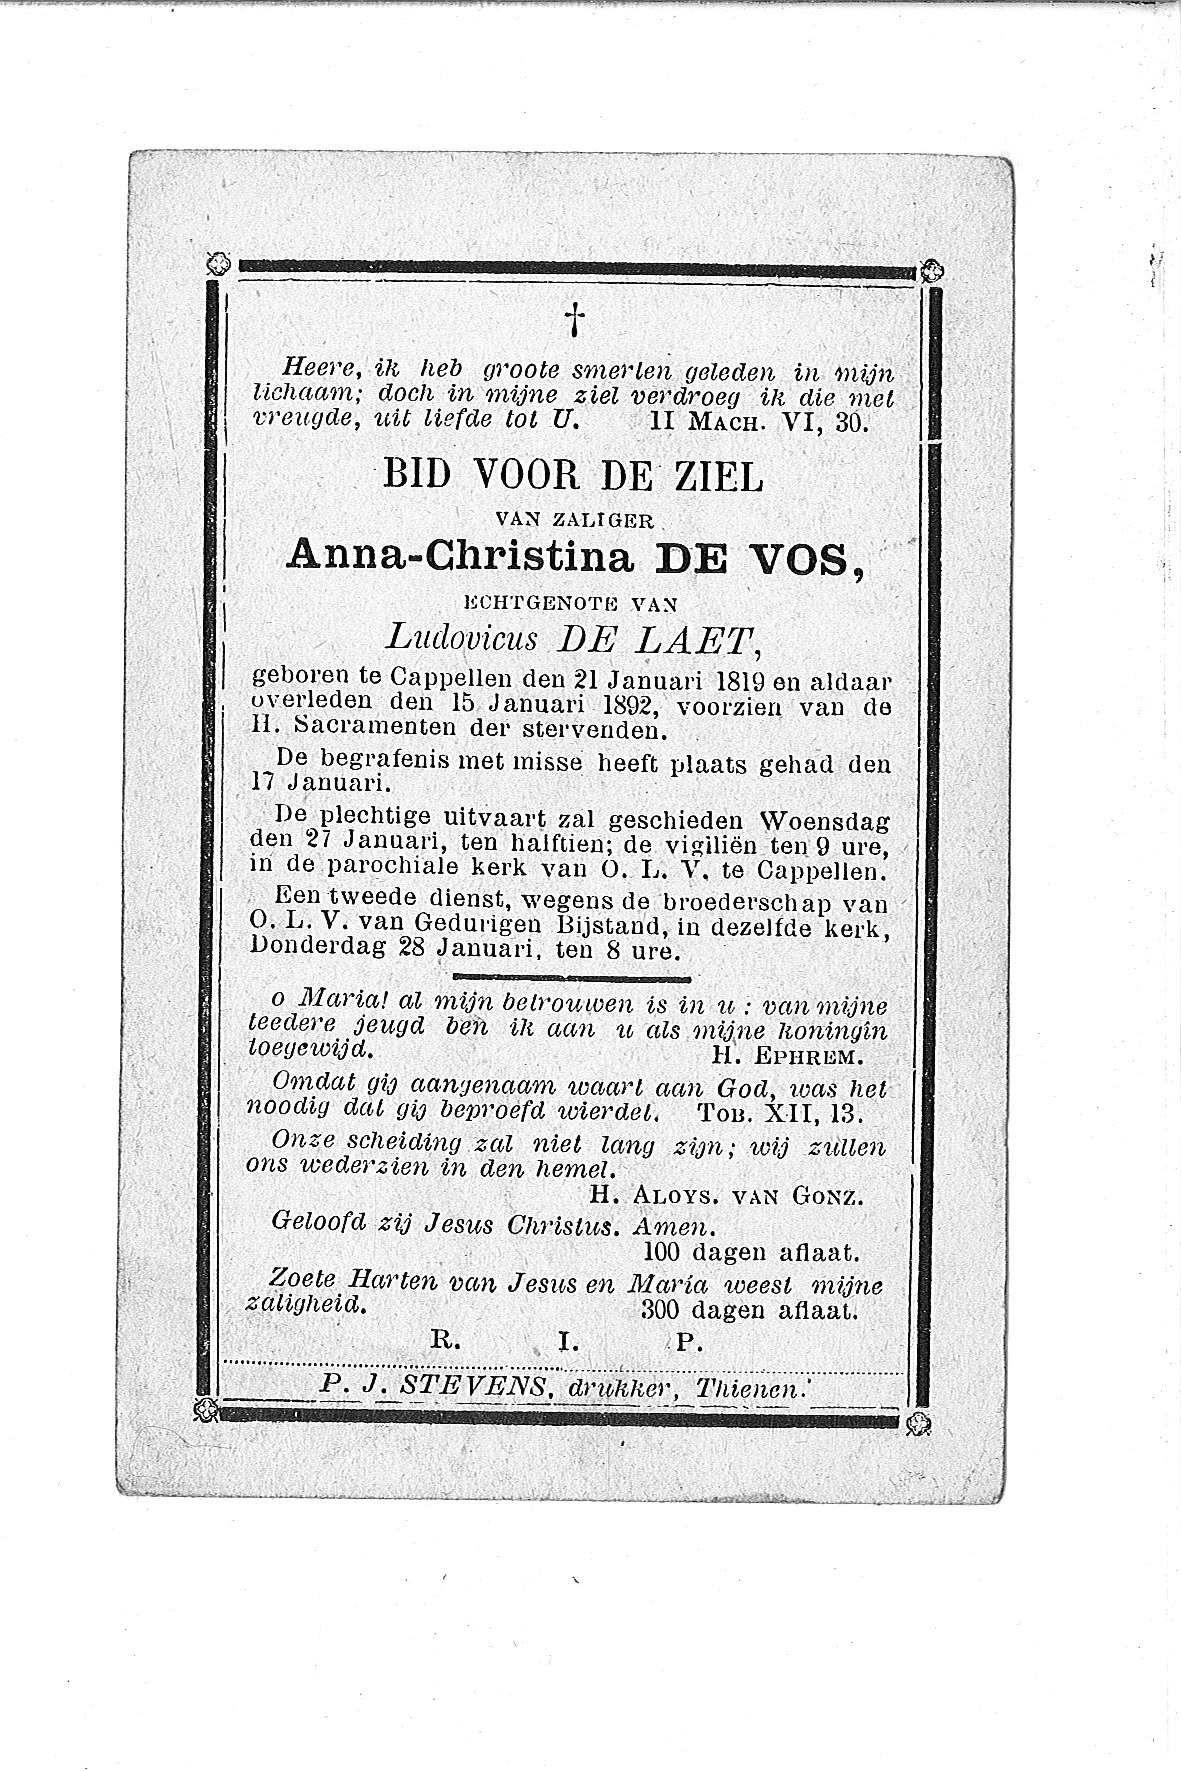 Anna-Christina (1892) 20120305091540_00031.jpg